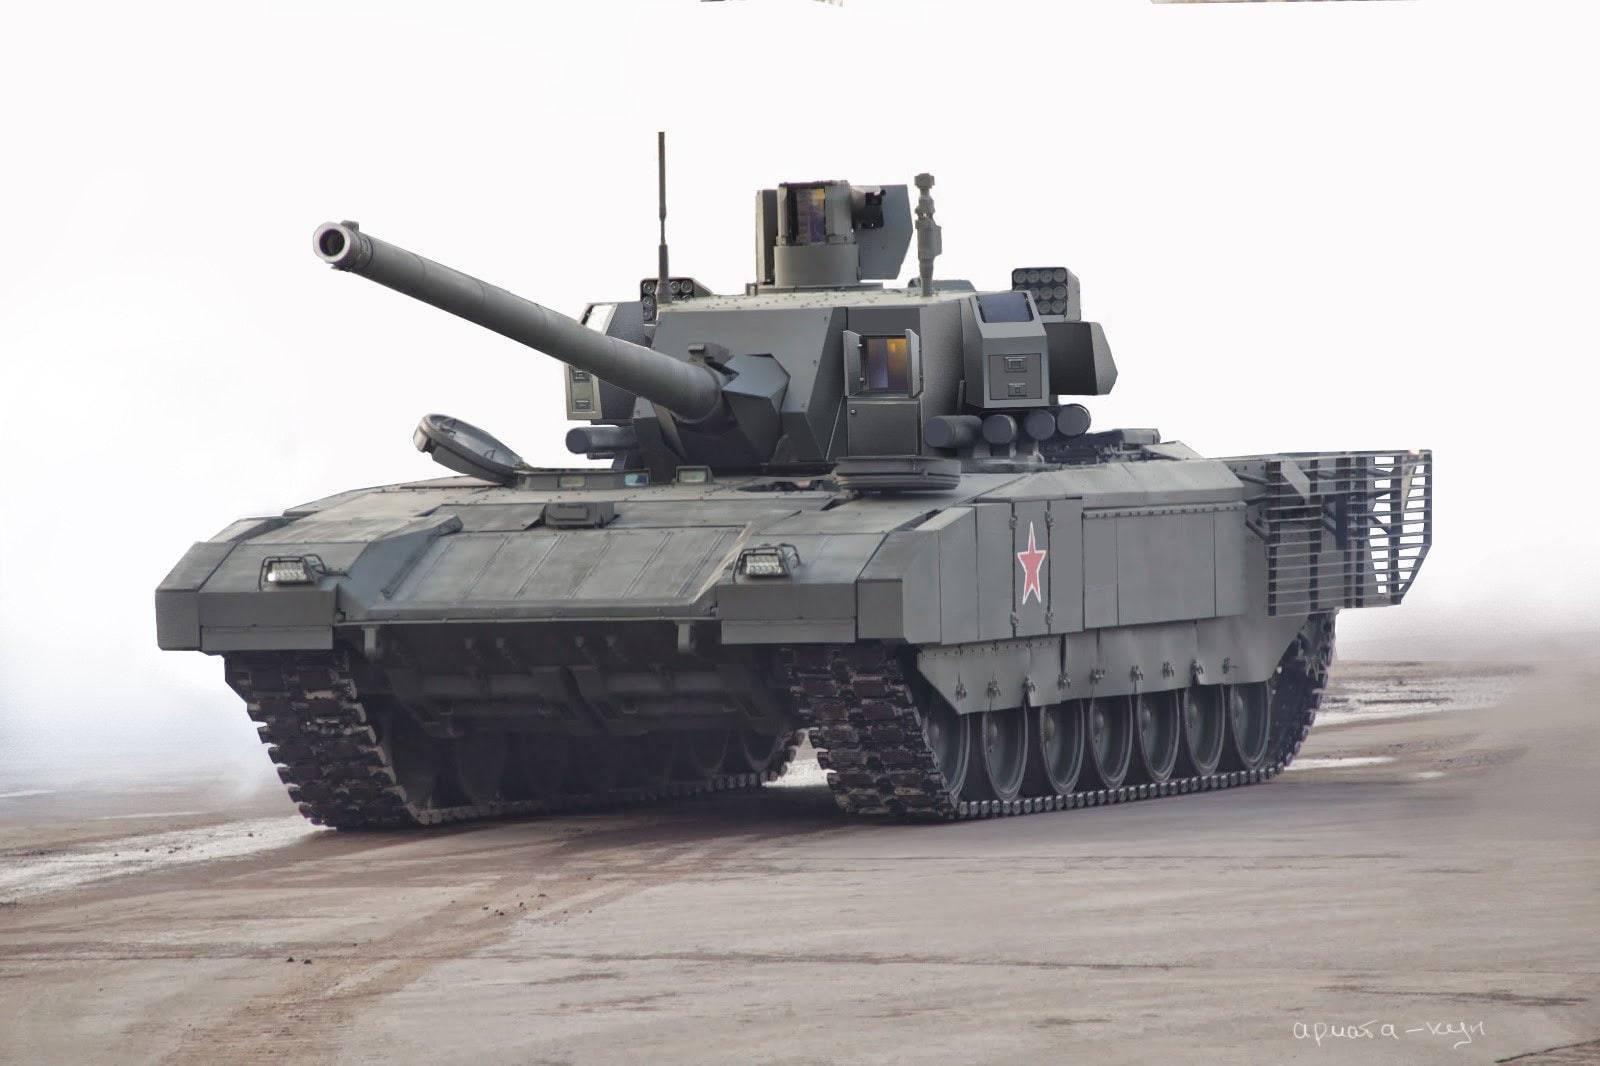 Топ 10 самых быстрых танков в world of tanks 2019